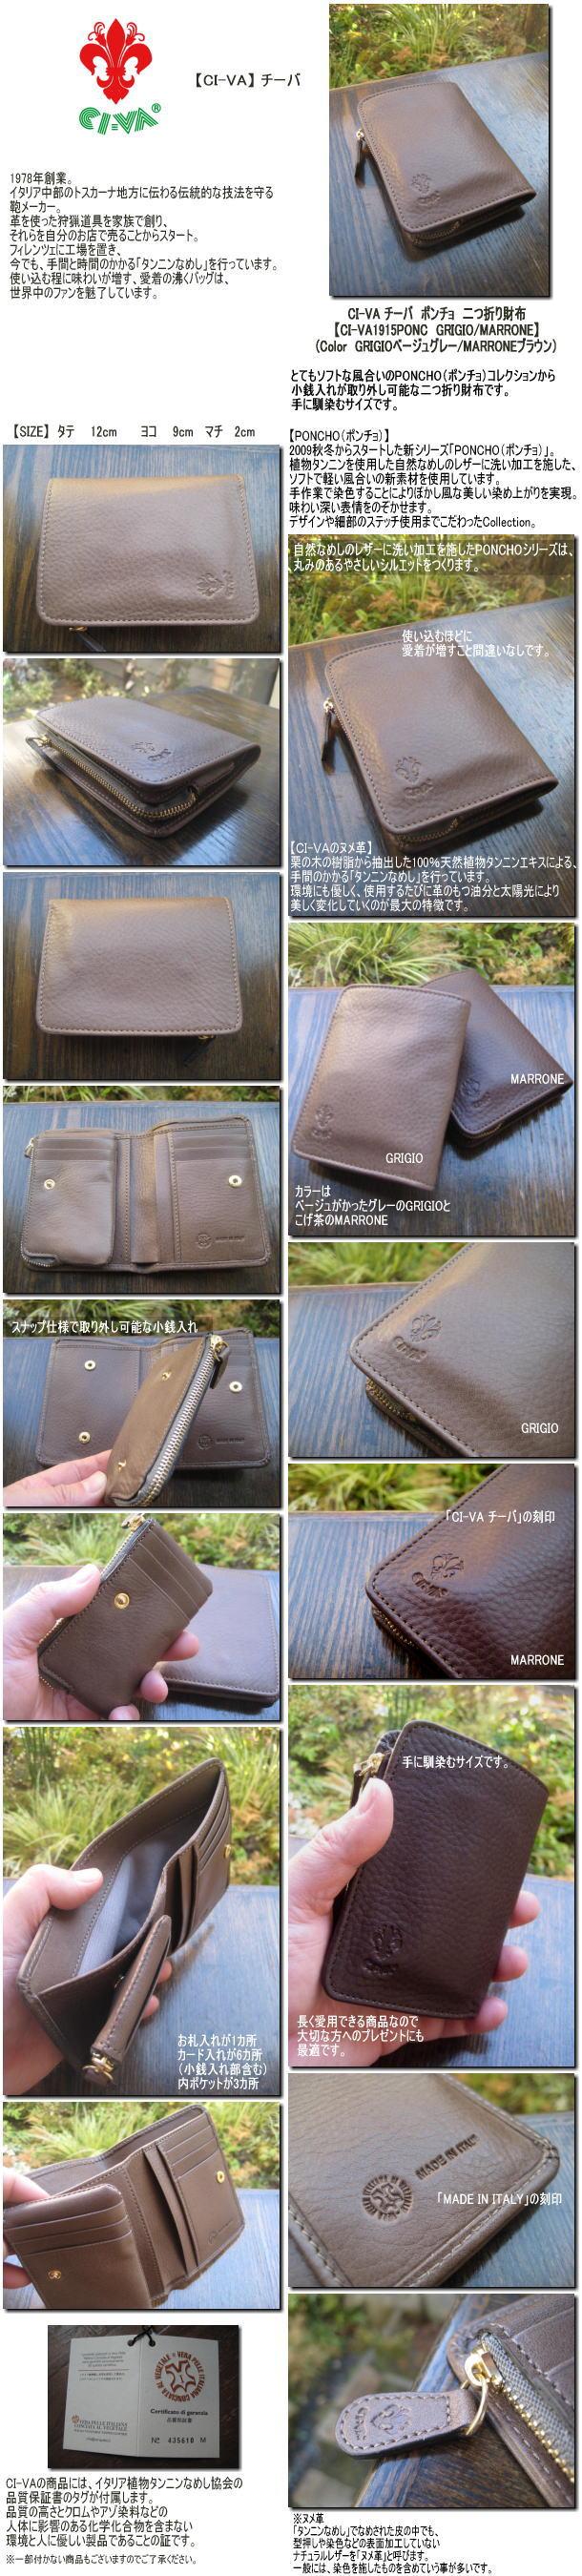 【CI-VA】チーバ ポンチョ 二つ折り財布 CI-VA1915PONC GRIGIO/MARRONE (グレーベージュ/ブラウン)